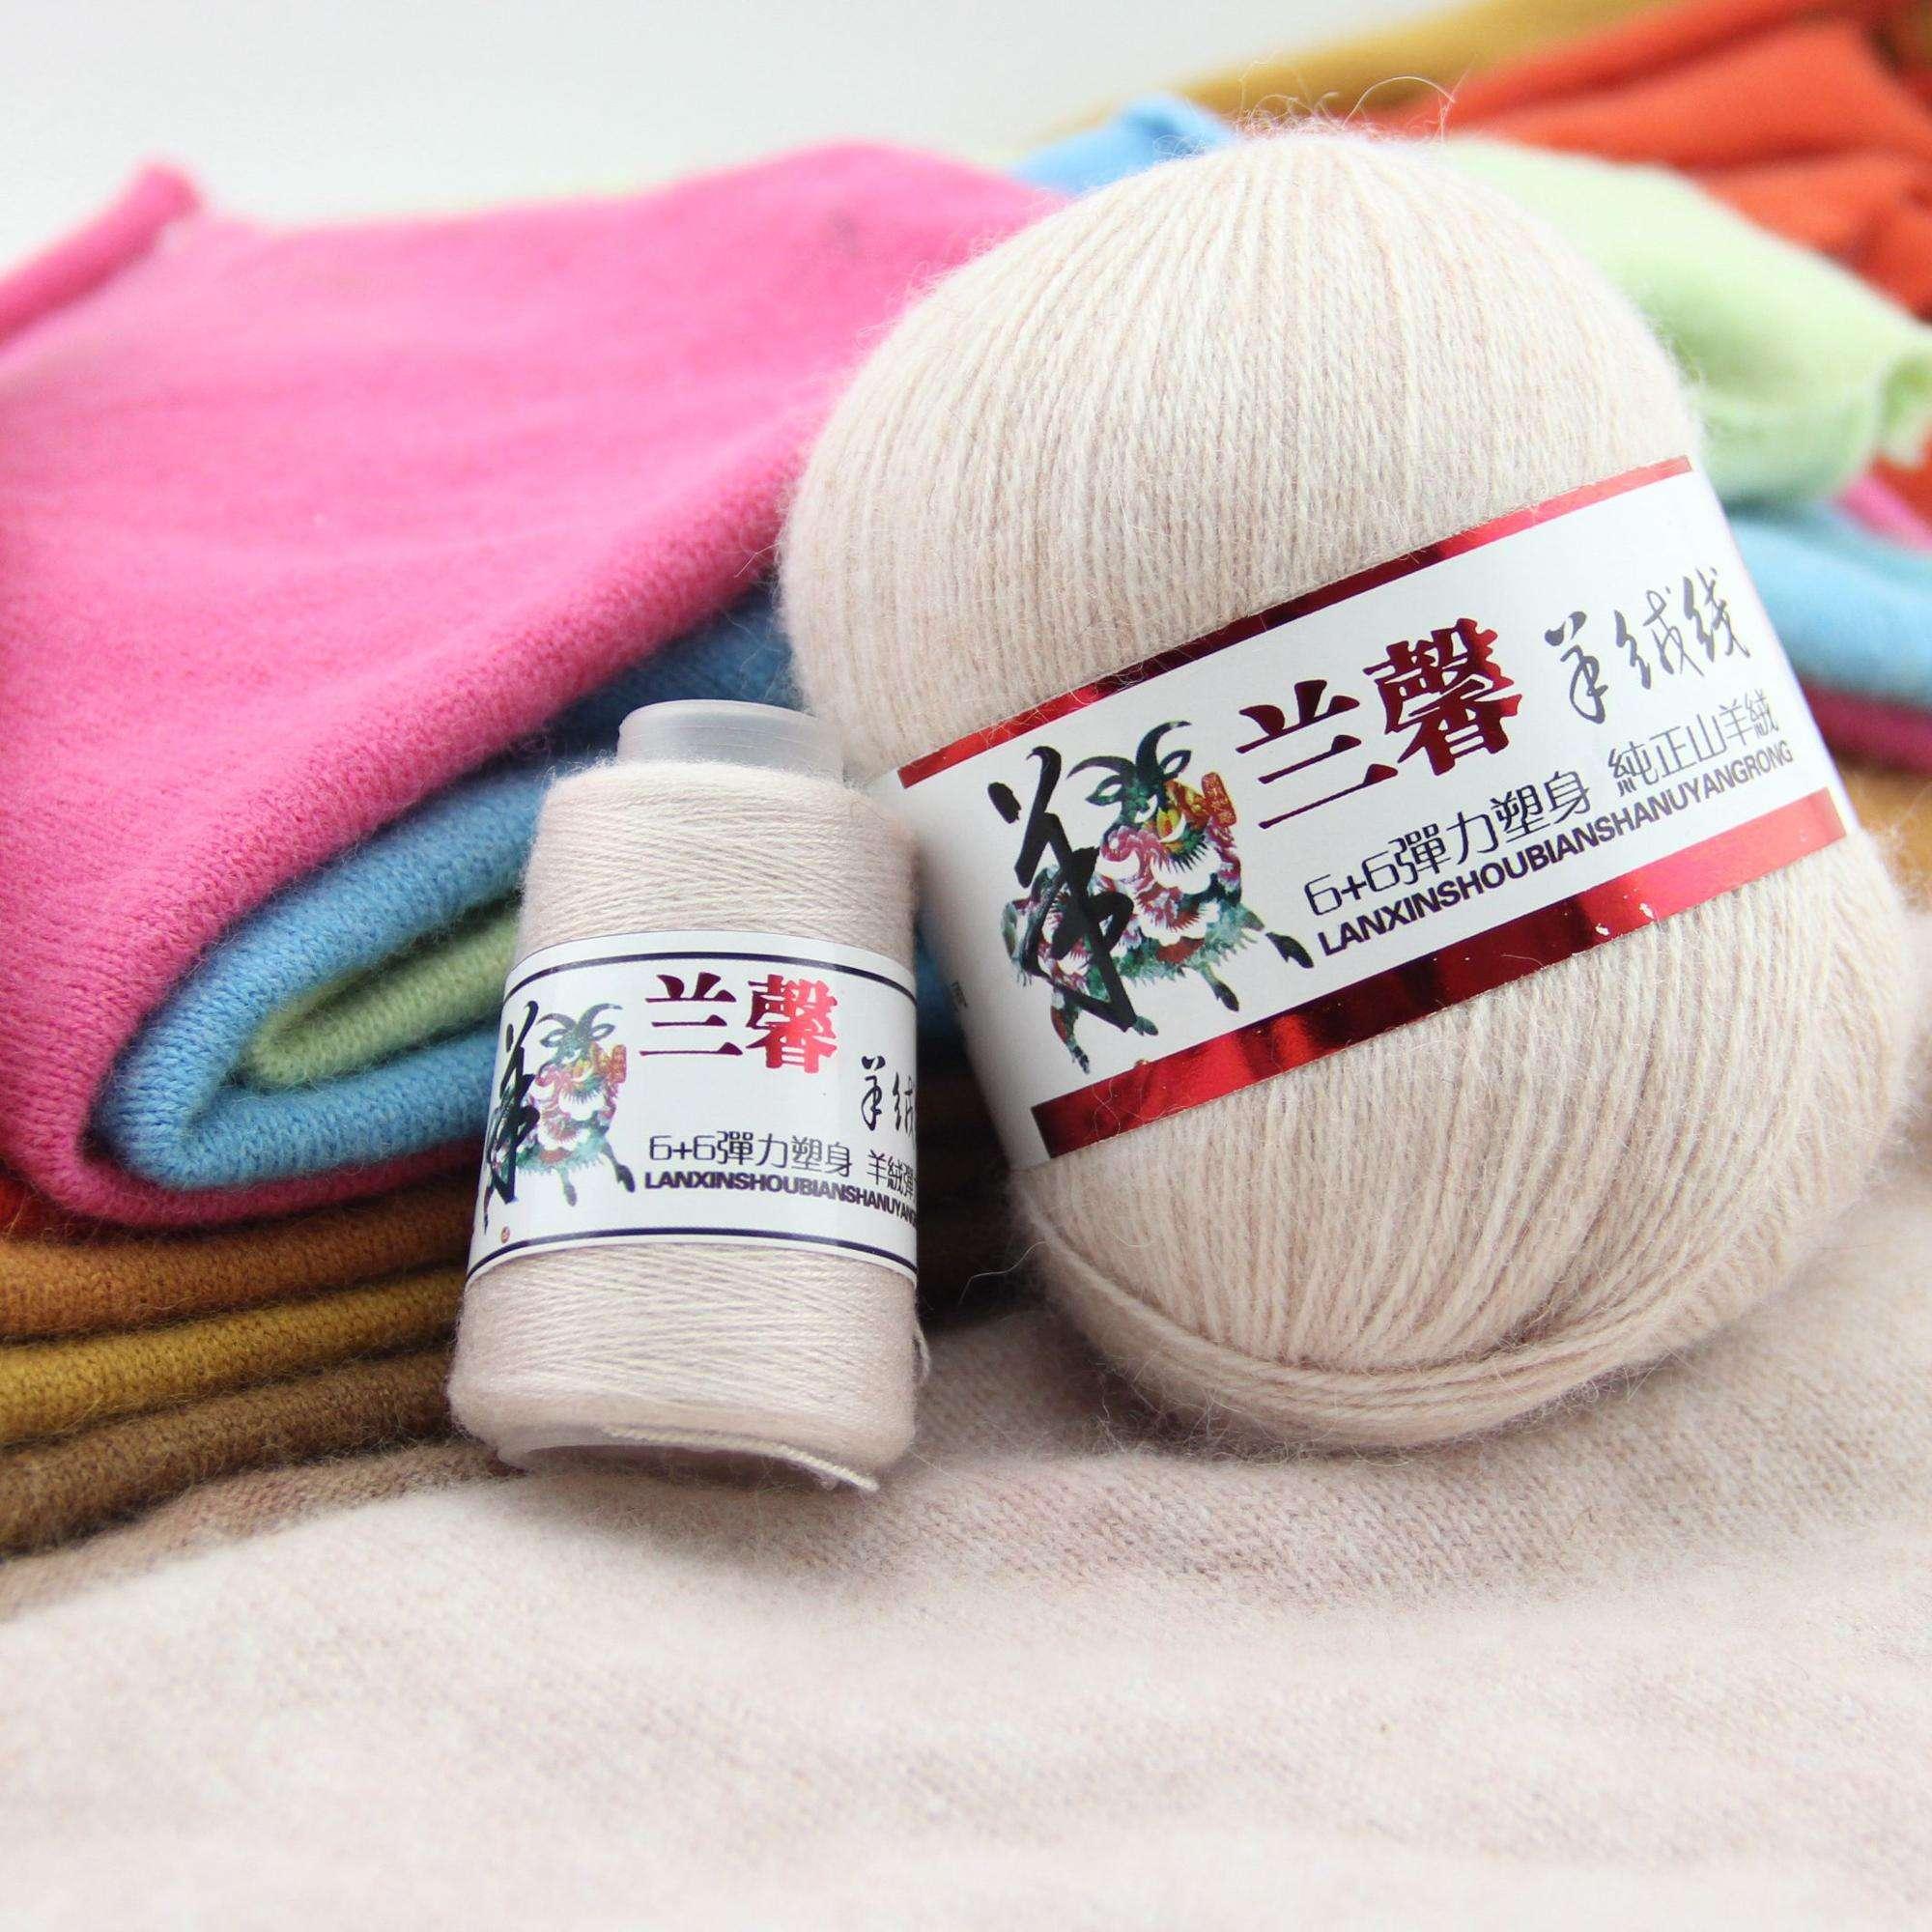 手編み/織り羊毛モンゴルヤギのカシミヤ糸アンゴラヤギウサギの毛皮フリースウール糸